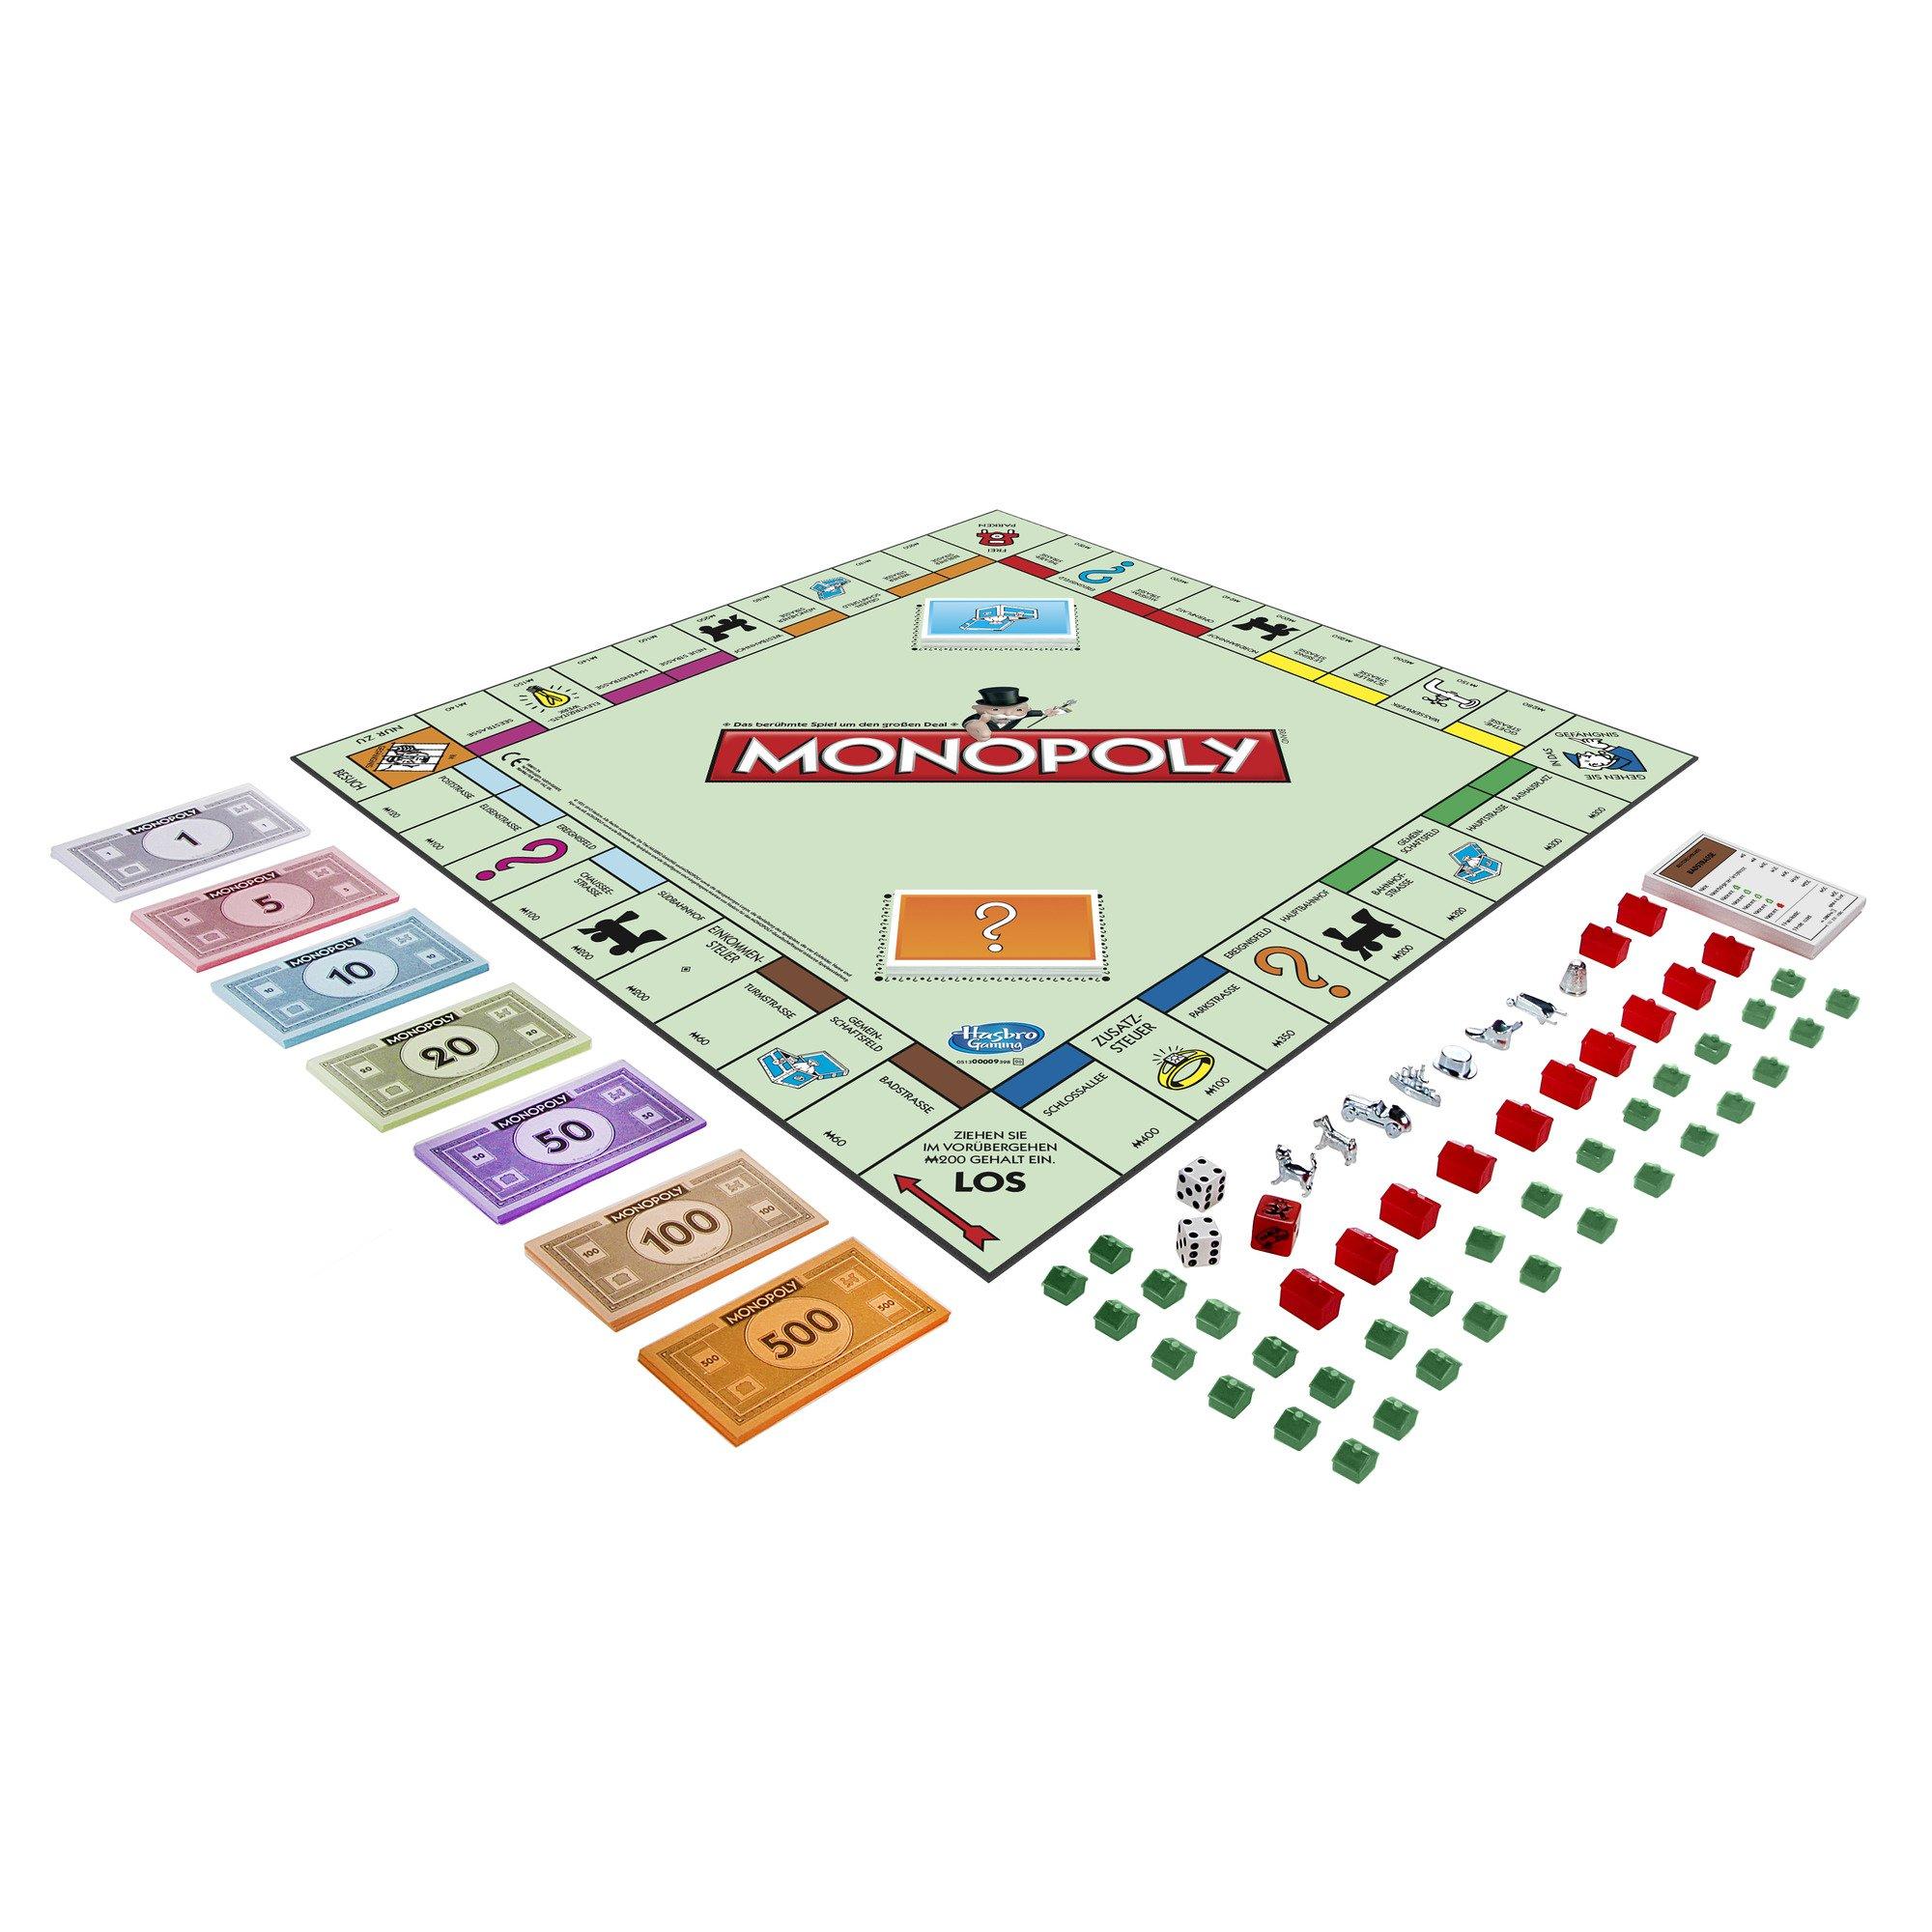 Hasbro Gaming - Monopoly clásico, Juego de Mesa (00009398)  (versión Alemana): Amazon.es: Juguetes y juegos